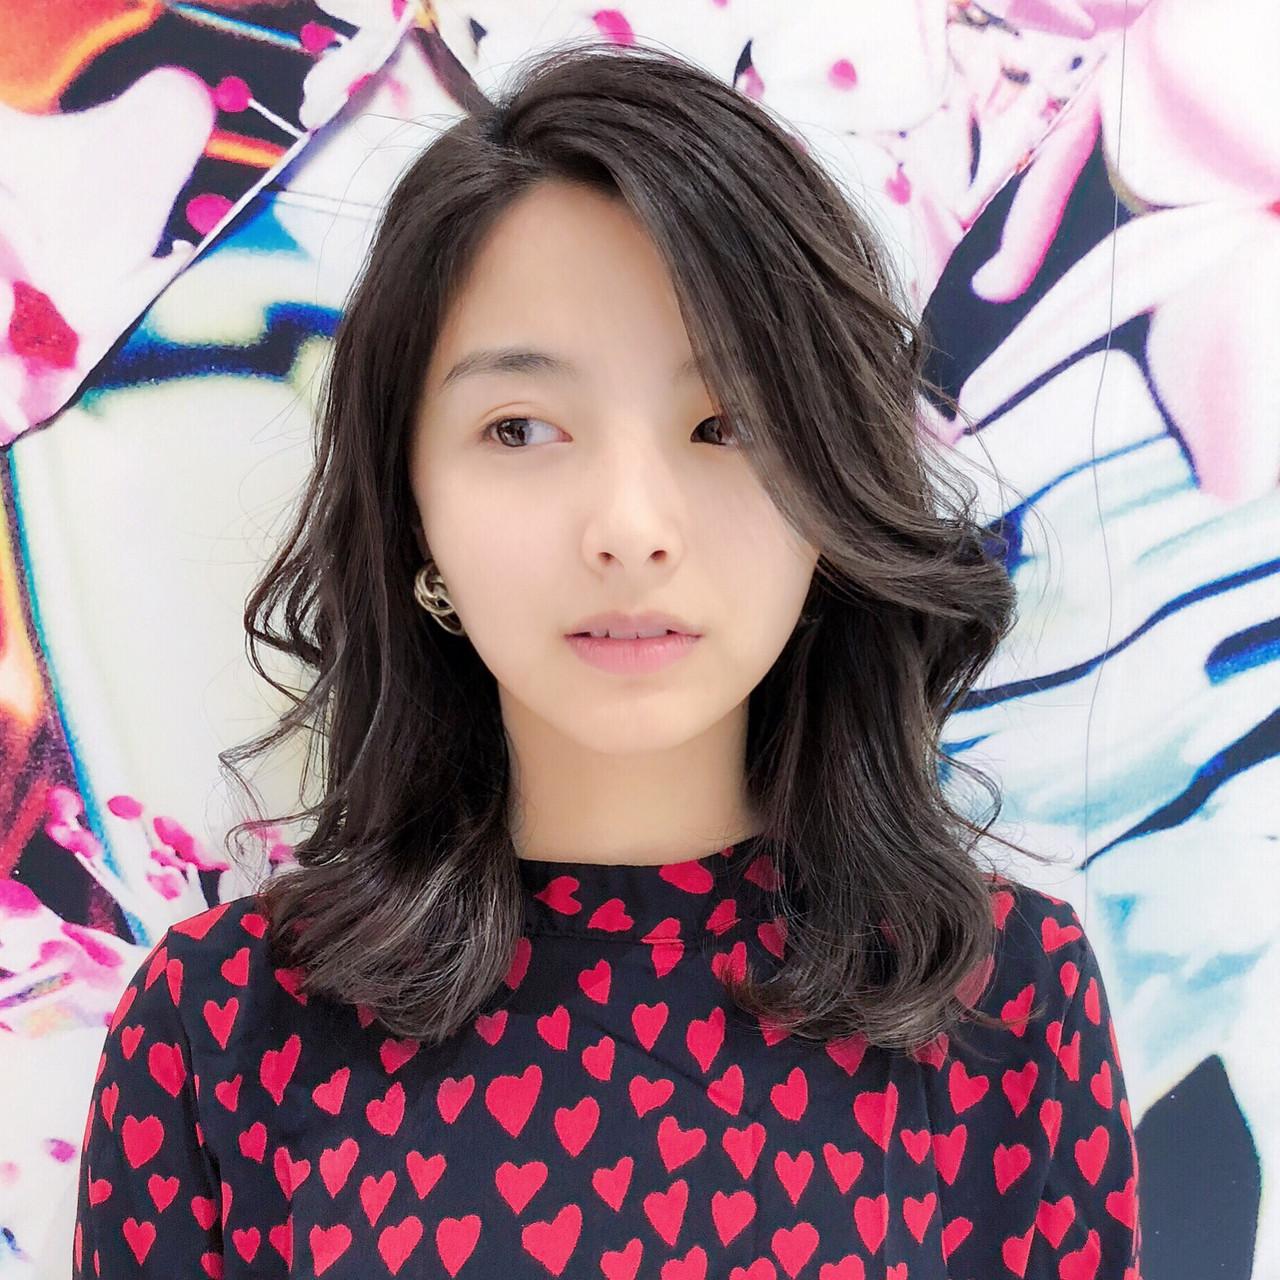 小顔にみえちゃうふんわり甘めなミディアムレイヤー 趙 英来  TONI&GUY 原宿店